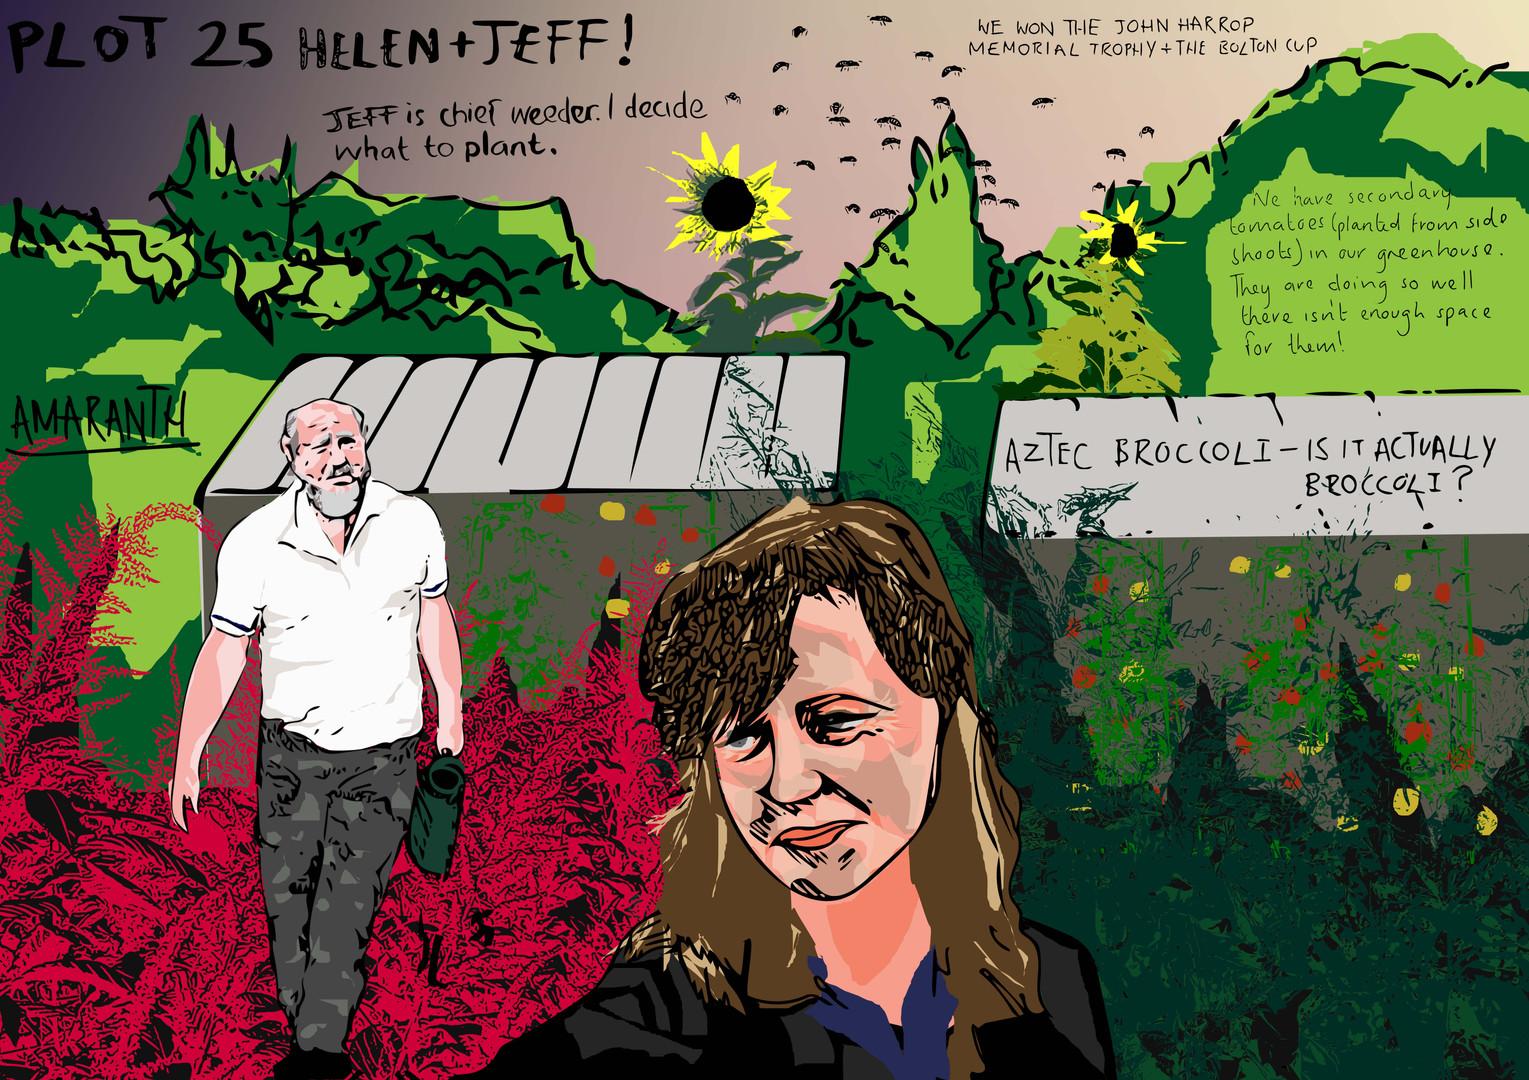 Helen and Jeff